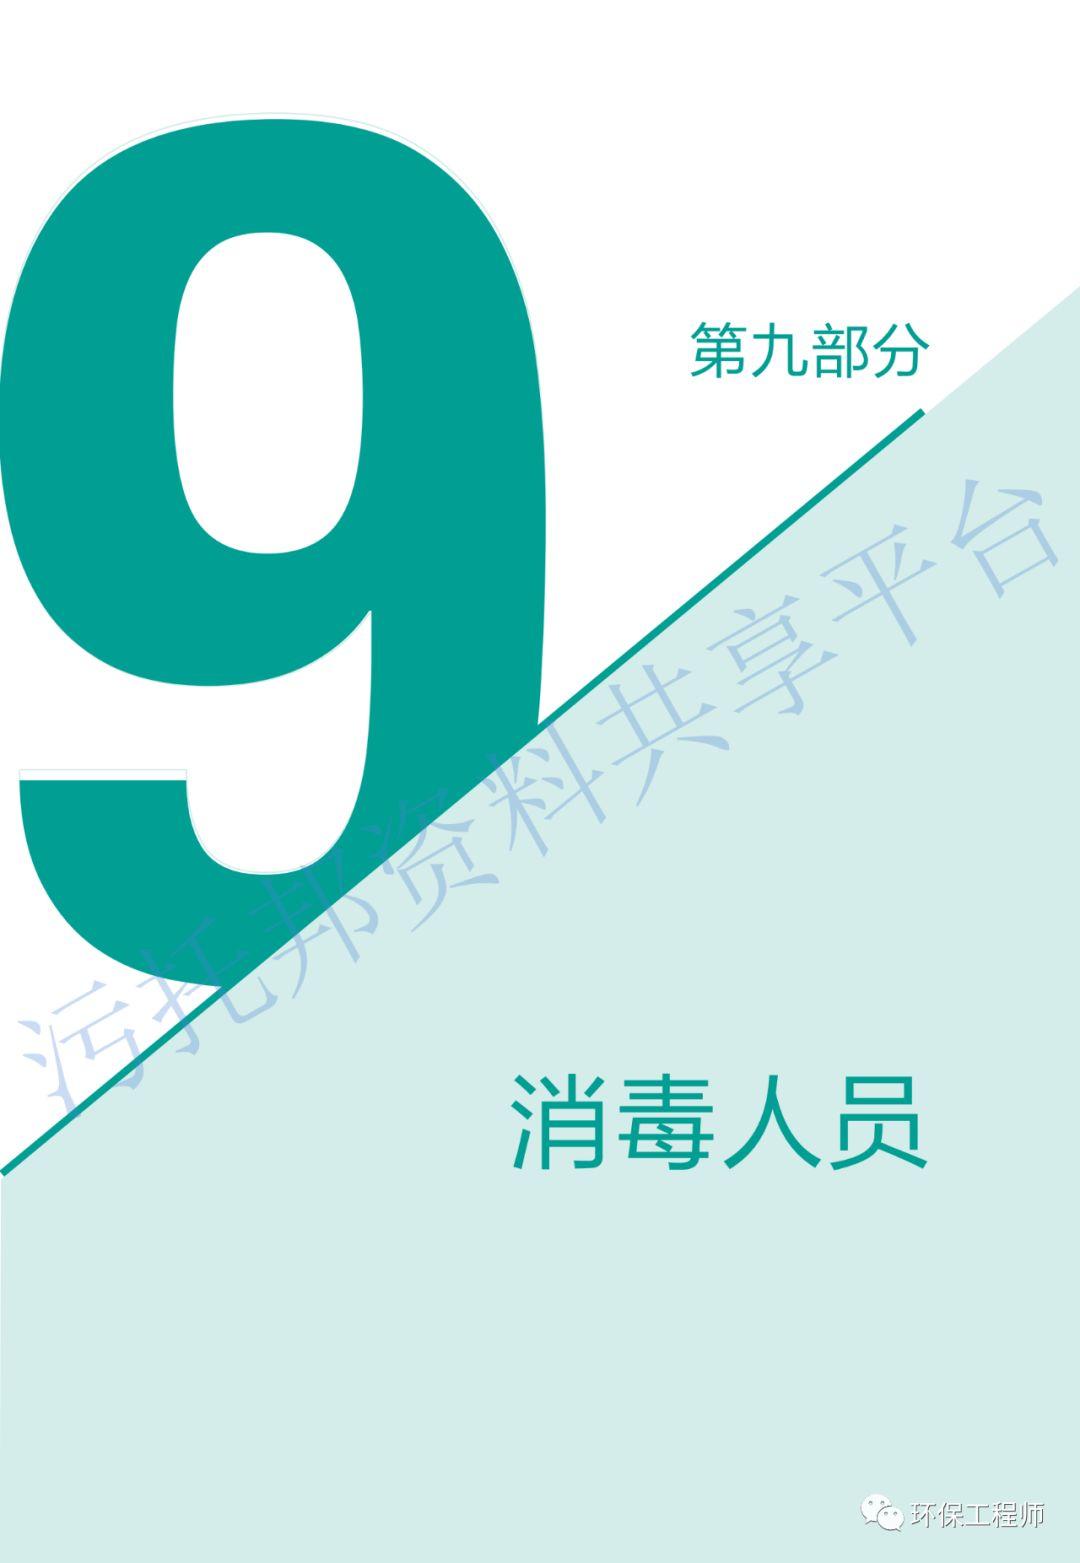 《环保从业人员新型冠状病毒疫情防护手册》_31